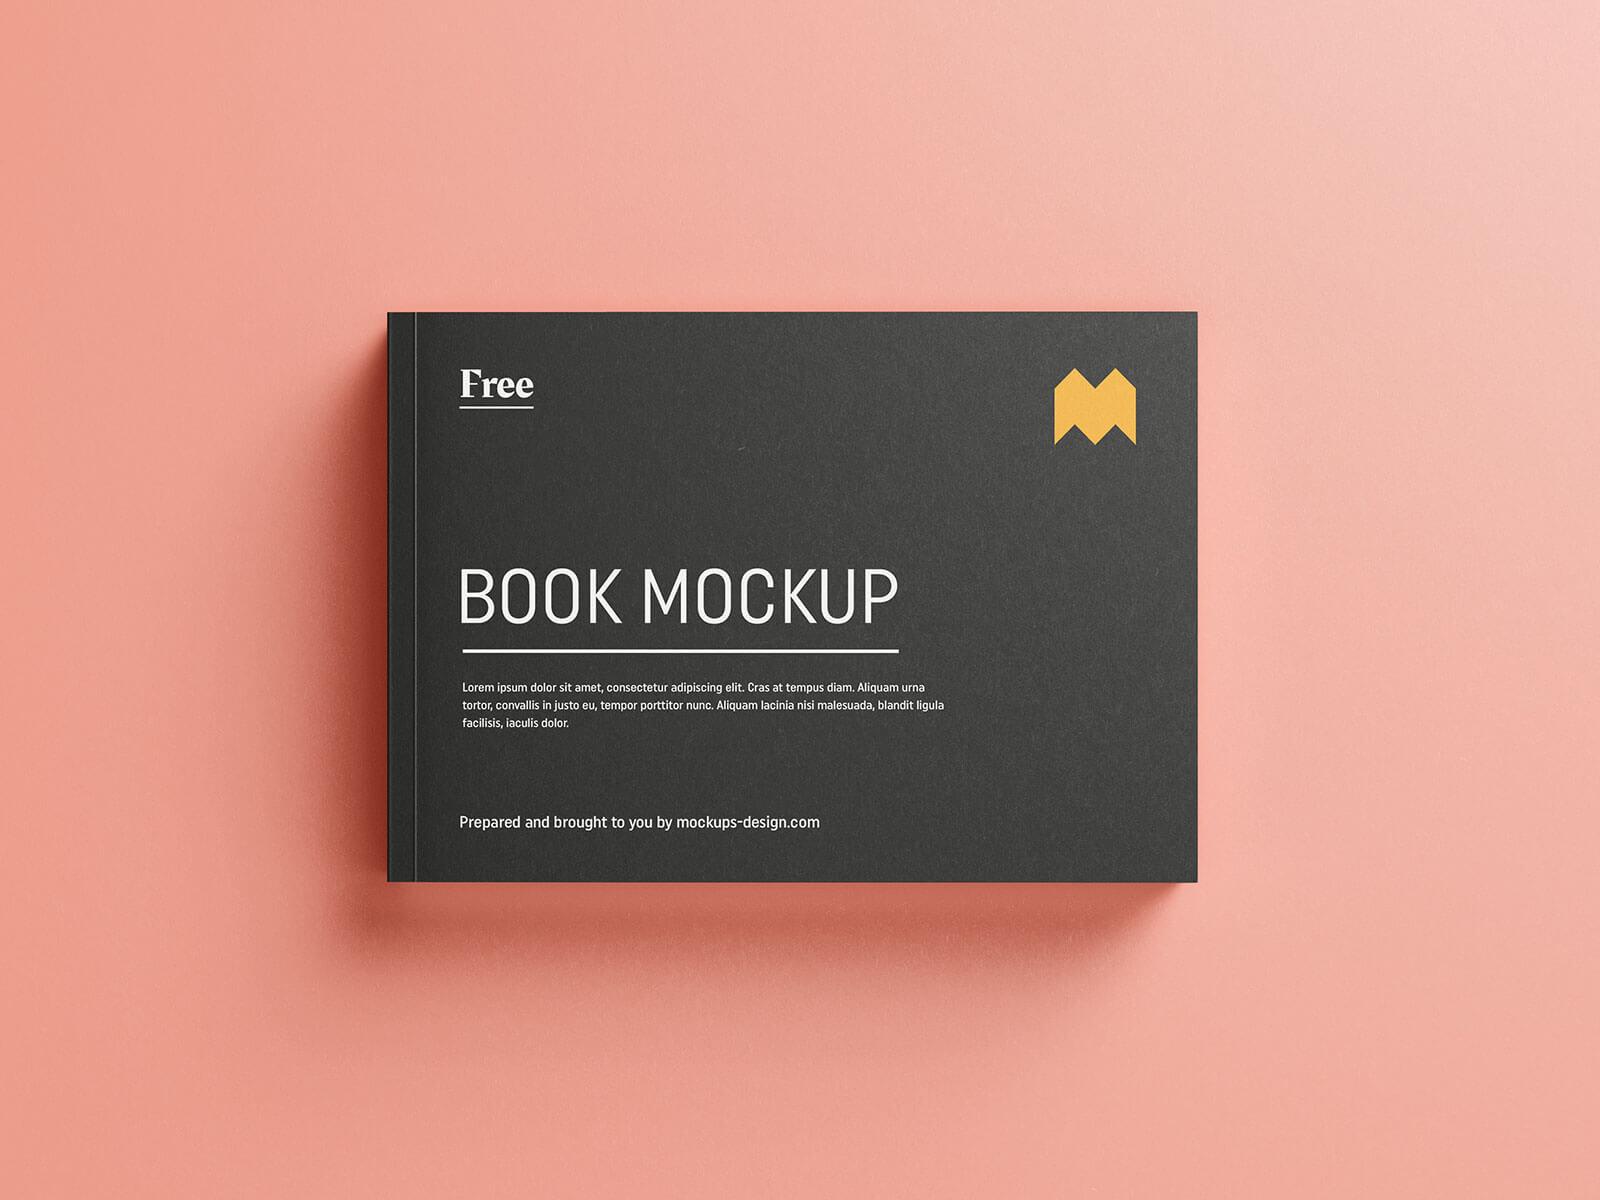 Free Paperback Landscape Book Mockup PSD Set